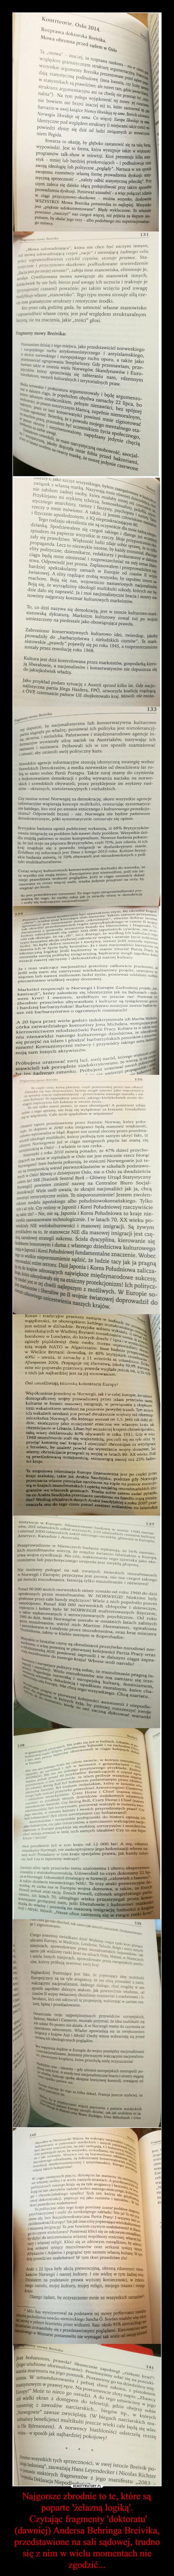 Najgorsze zbrodnie to te, które są poparte 'żelazną logiką'. Czytając fragmenty 'doktoratu' (dawniej) Andersa Behringa Breivika, przedstawione na sali sądowej, trudno się z nim w wielu momentach nie zgodzić... –